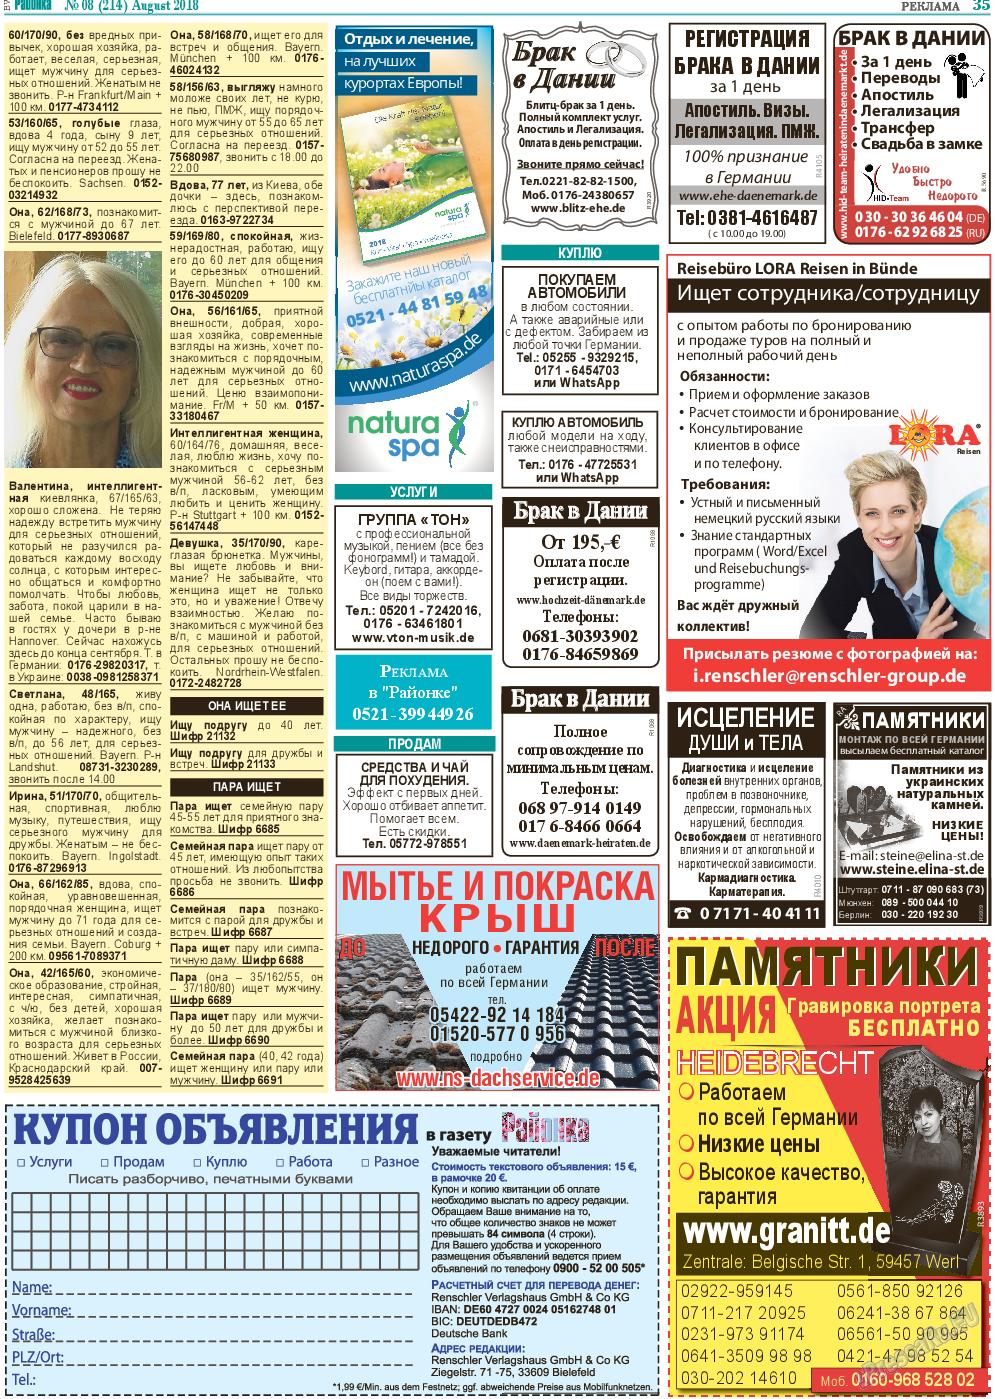 Районка-West (газета). 2018 год, номер 8, стр. 35